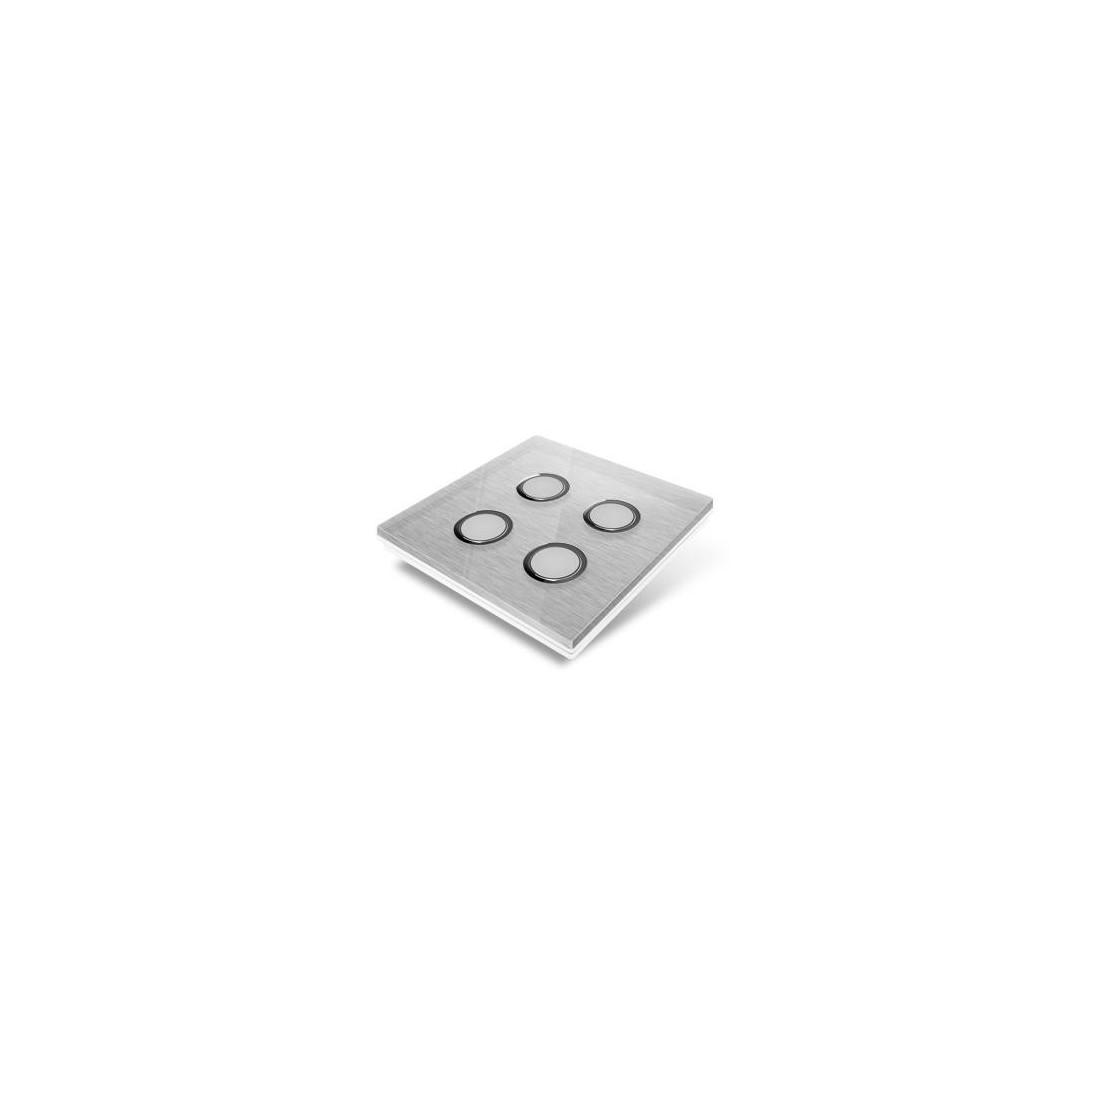 Tampa de cobertura para interruptor Edisio - cristal cinzento